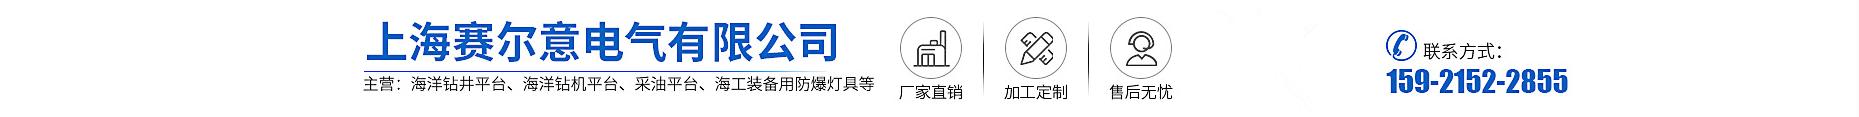 上海賽爾意電氣有限公司